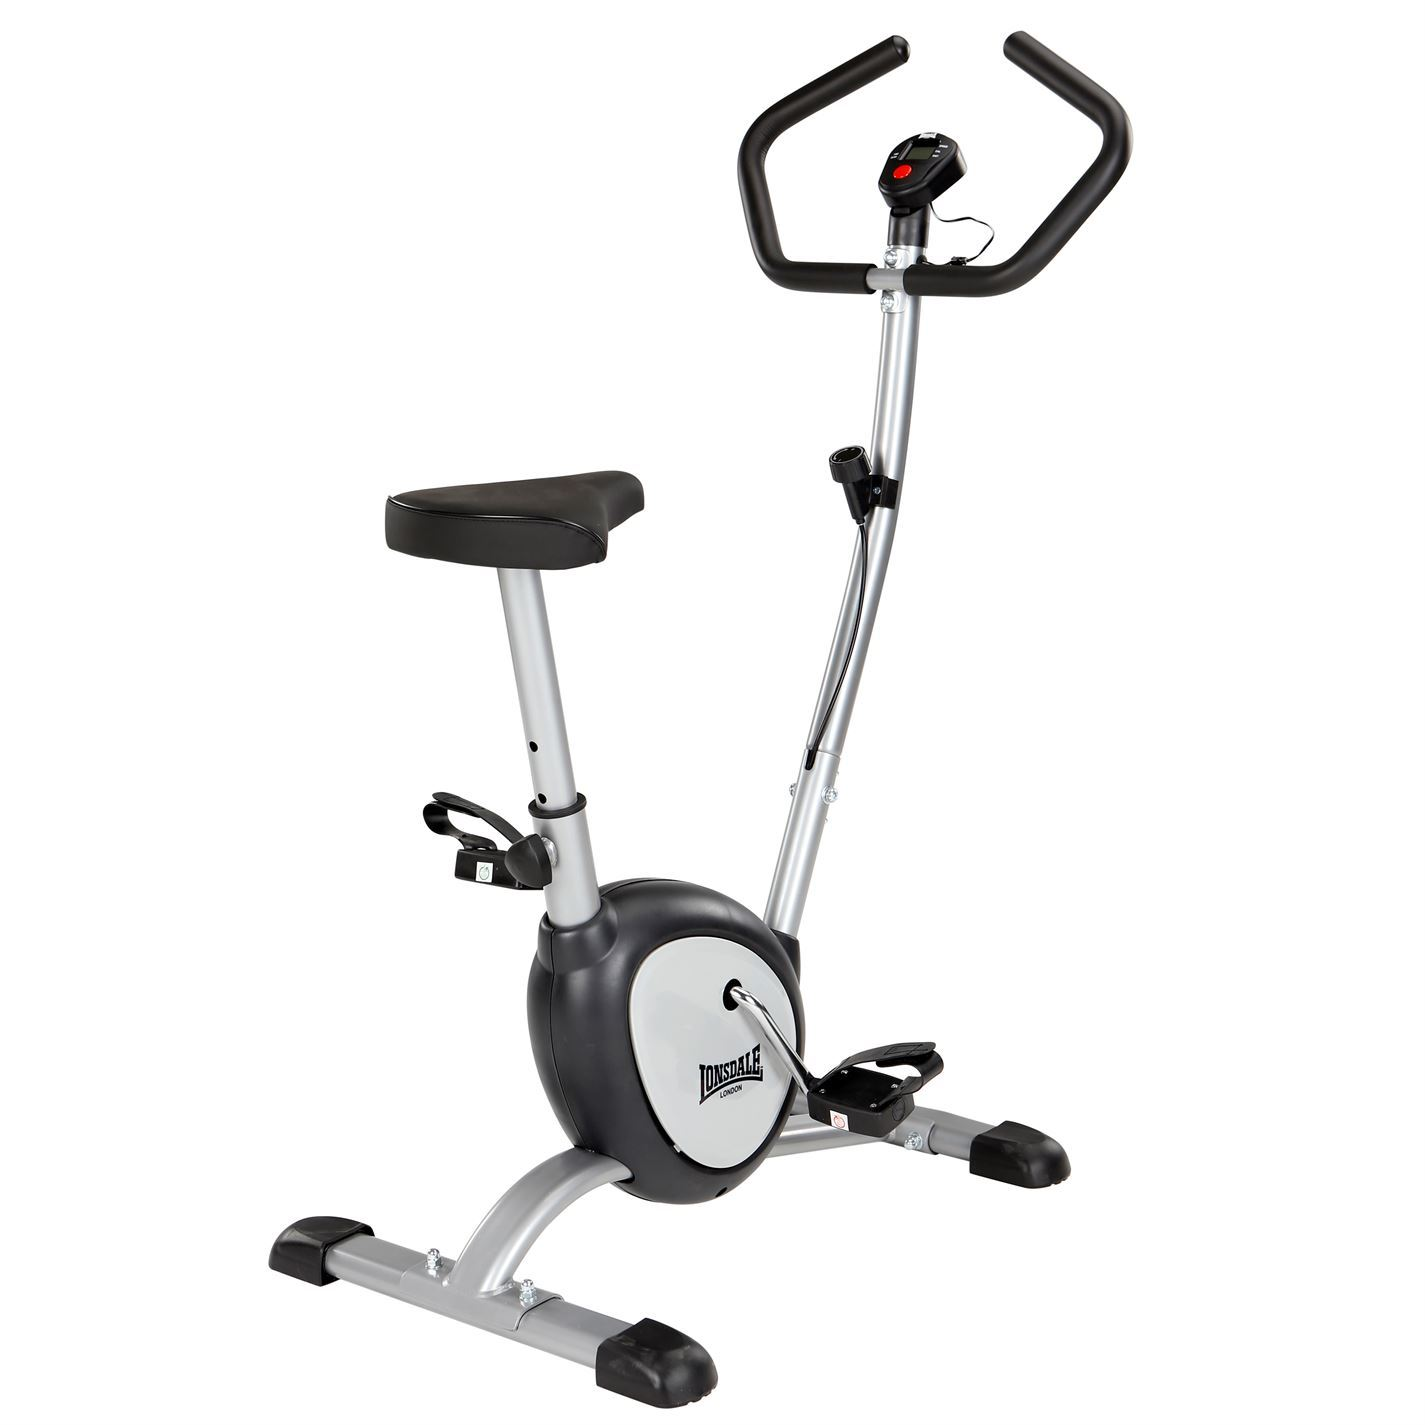 Exercise Bike Training Program: Lonsdale Exercise Bike Fitness Training Cardio Workout